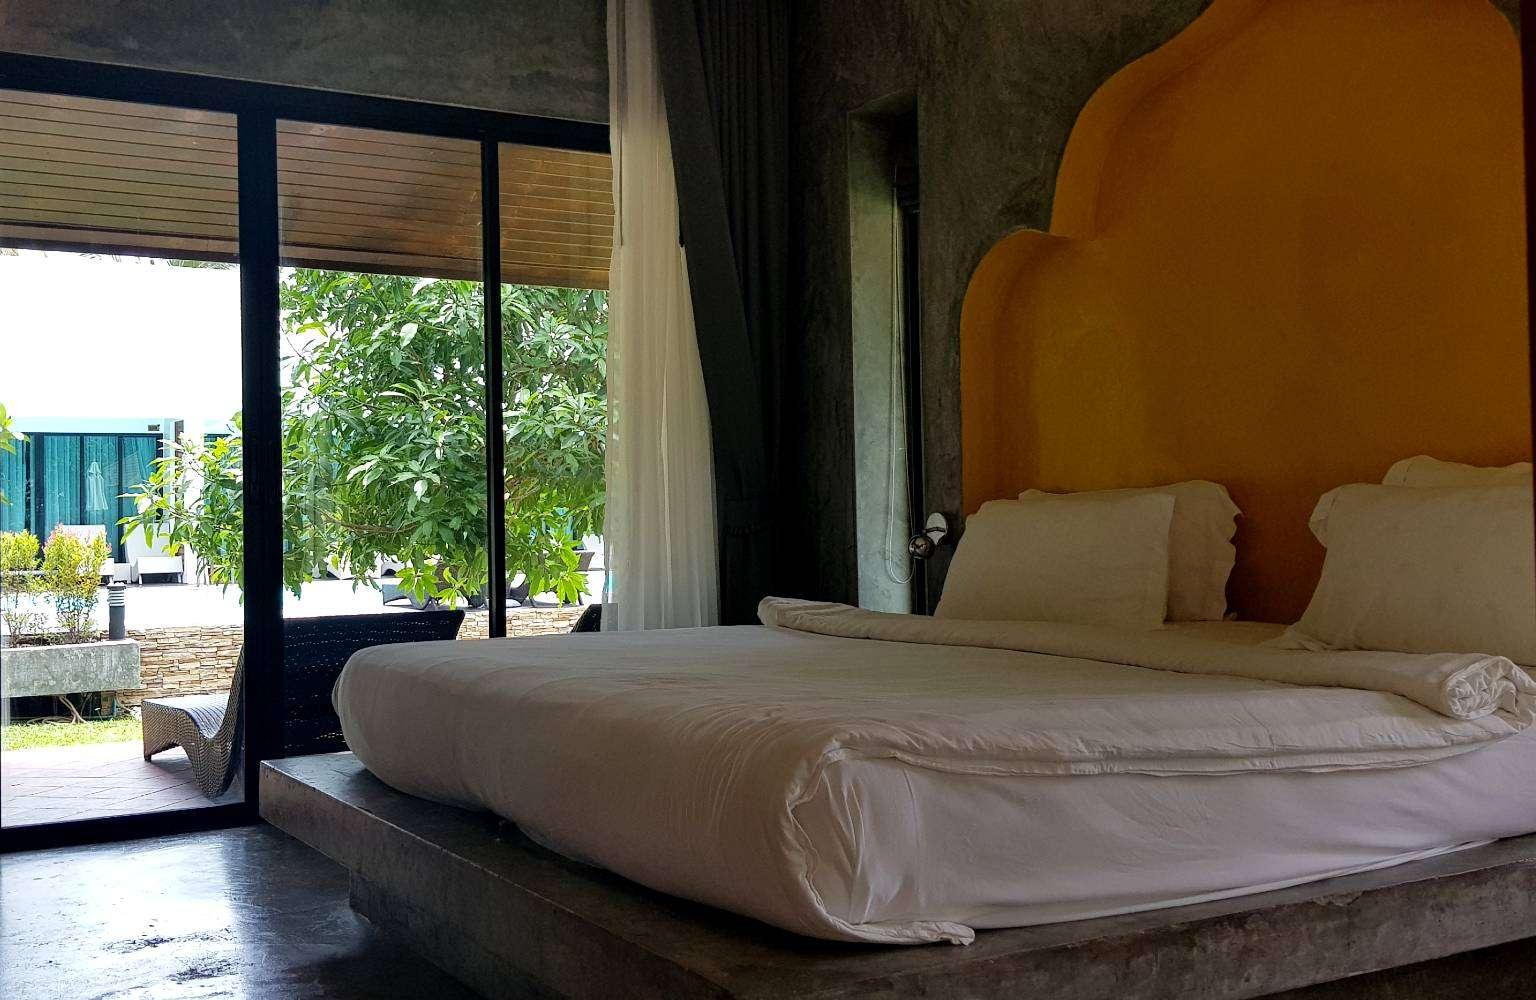 Bedroom overlooking the pool